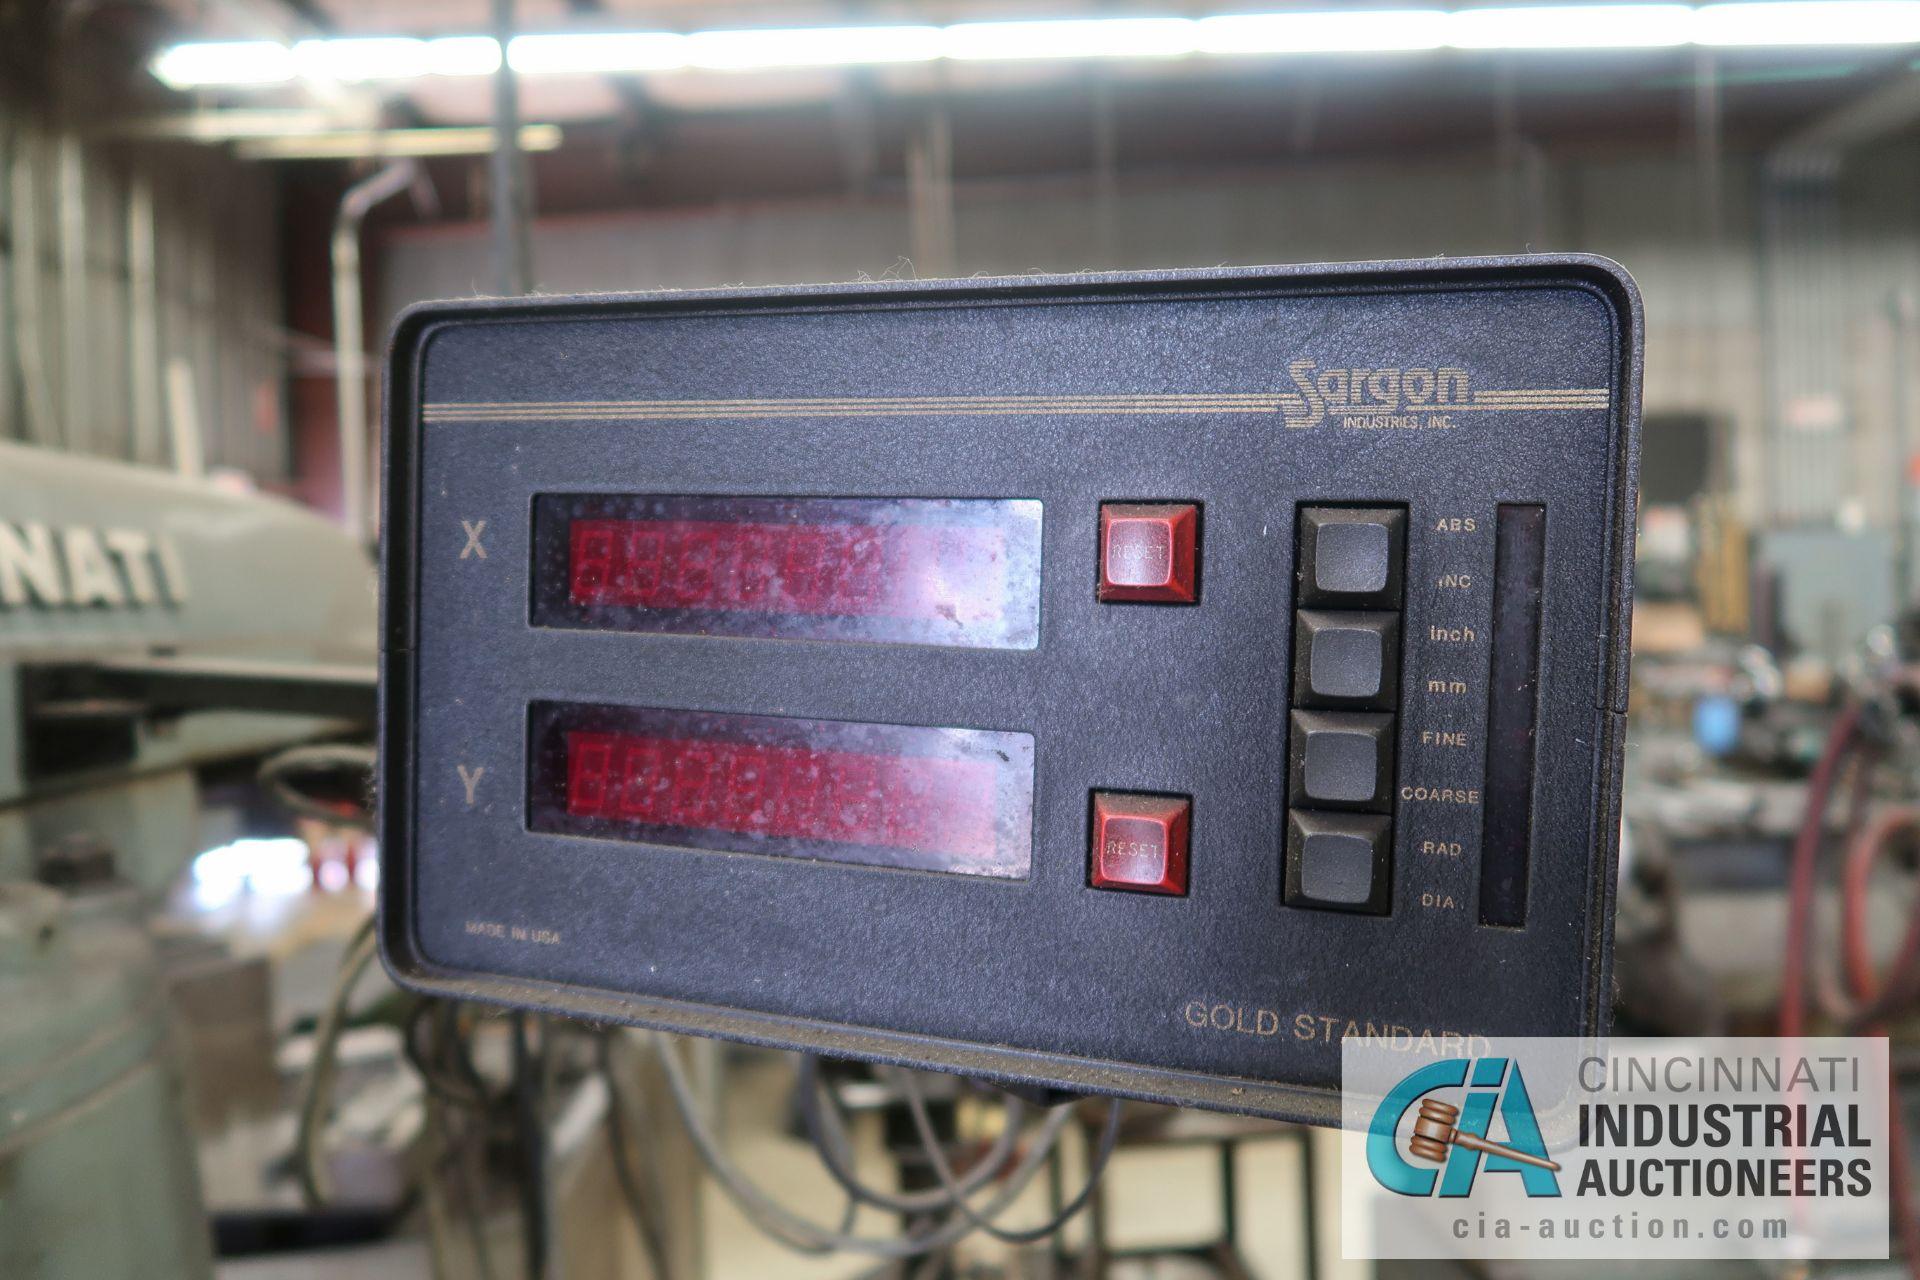 3/4 HP CINCINNATI MILLING TOOLMASTER VERTICAL MILLING MACHINE; S/N 6J1V5C-215, 108-3,825 RPM SPINDLE - Image 6 of 9